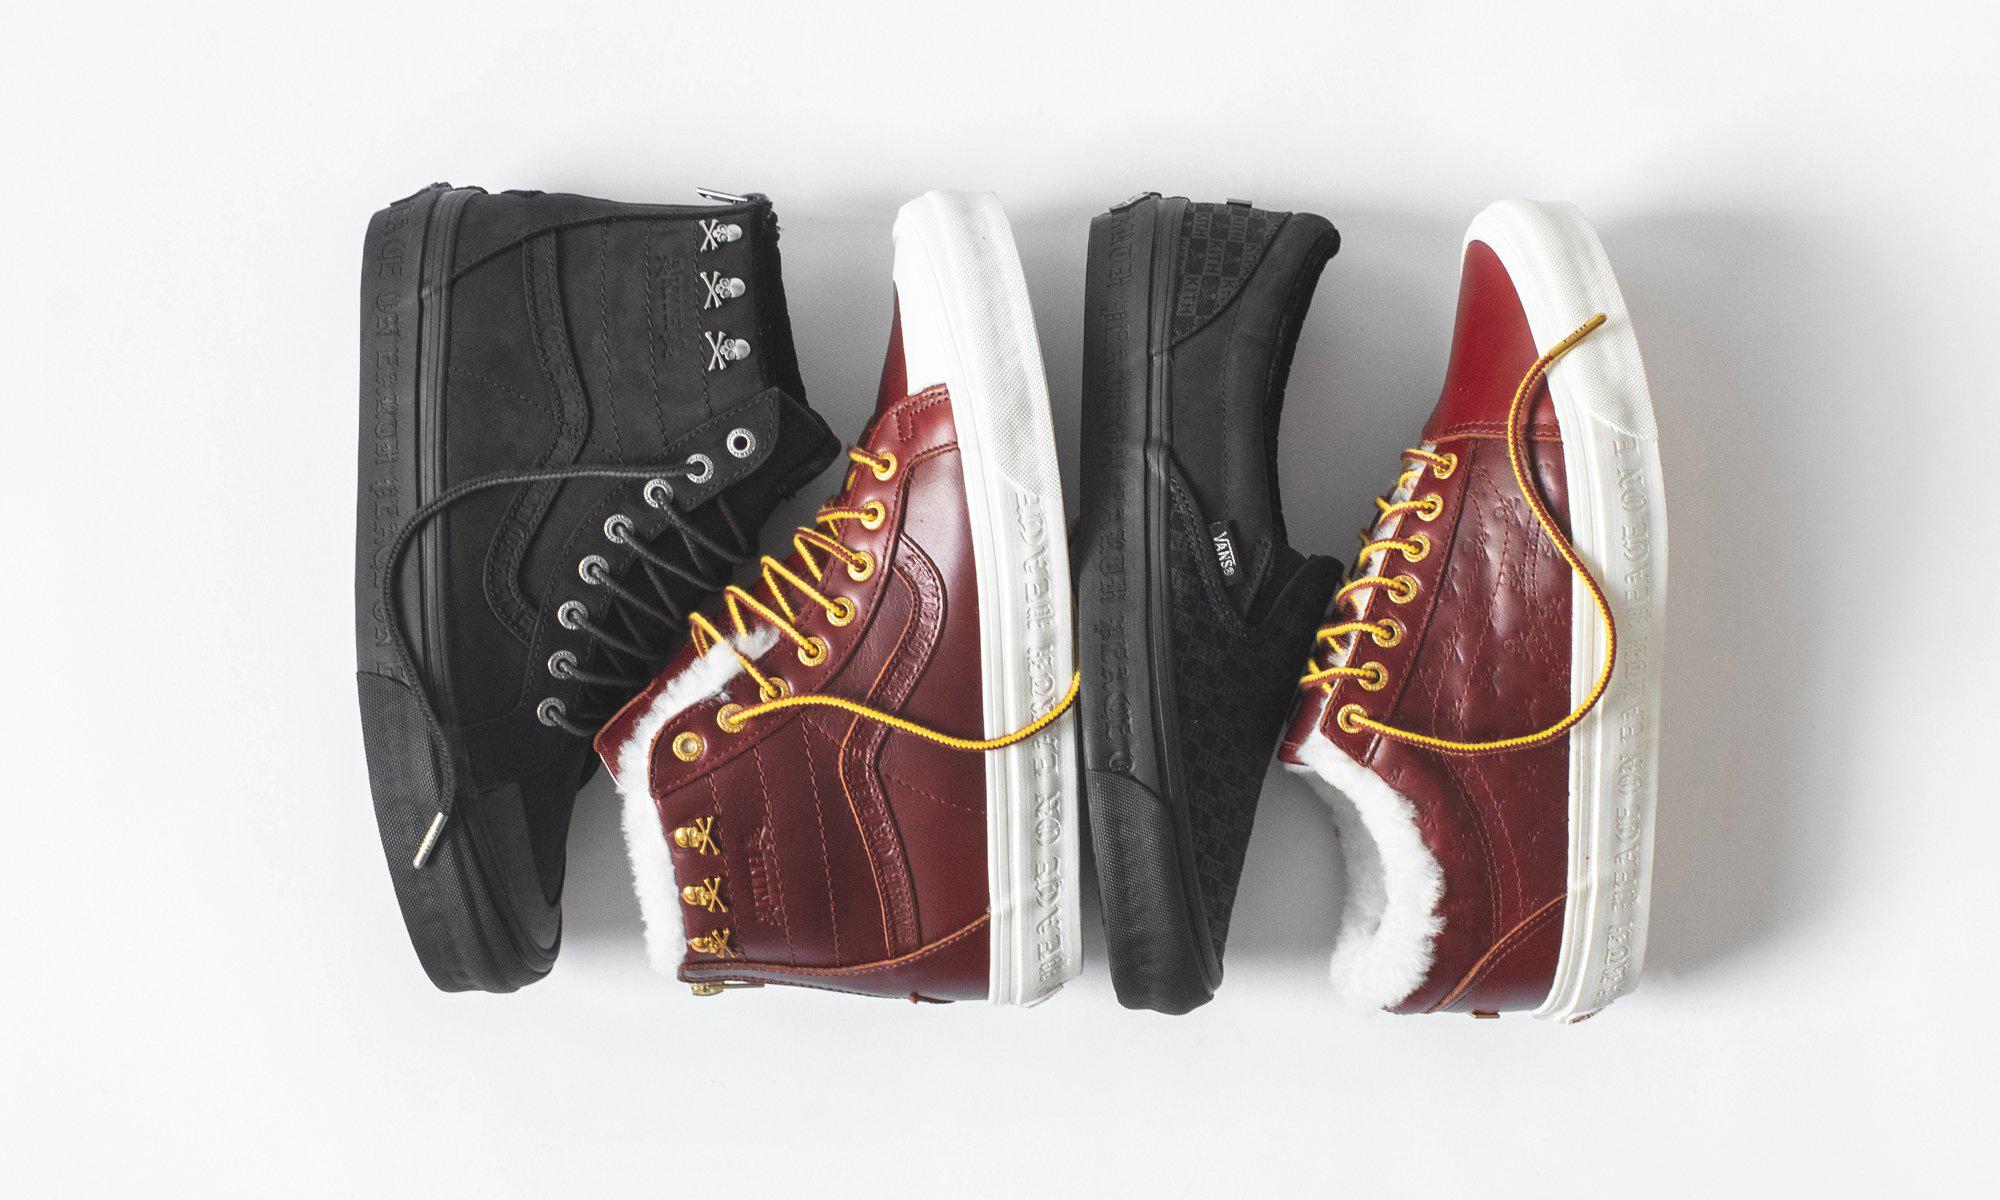 KITH x mastermind WORLD x Vans 联名鞋款部分细节预览